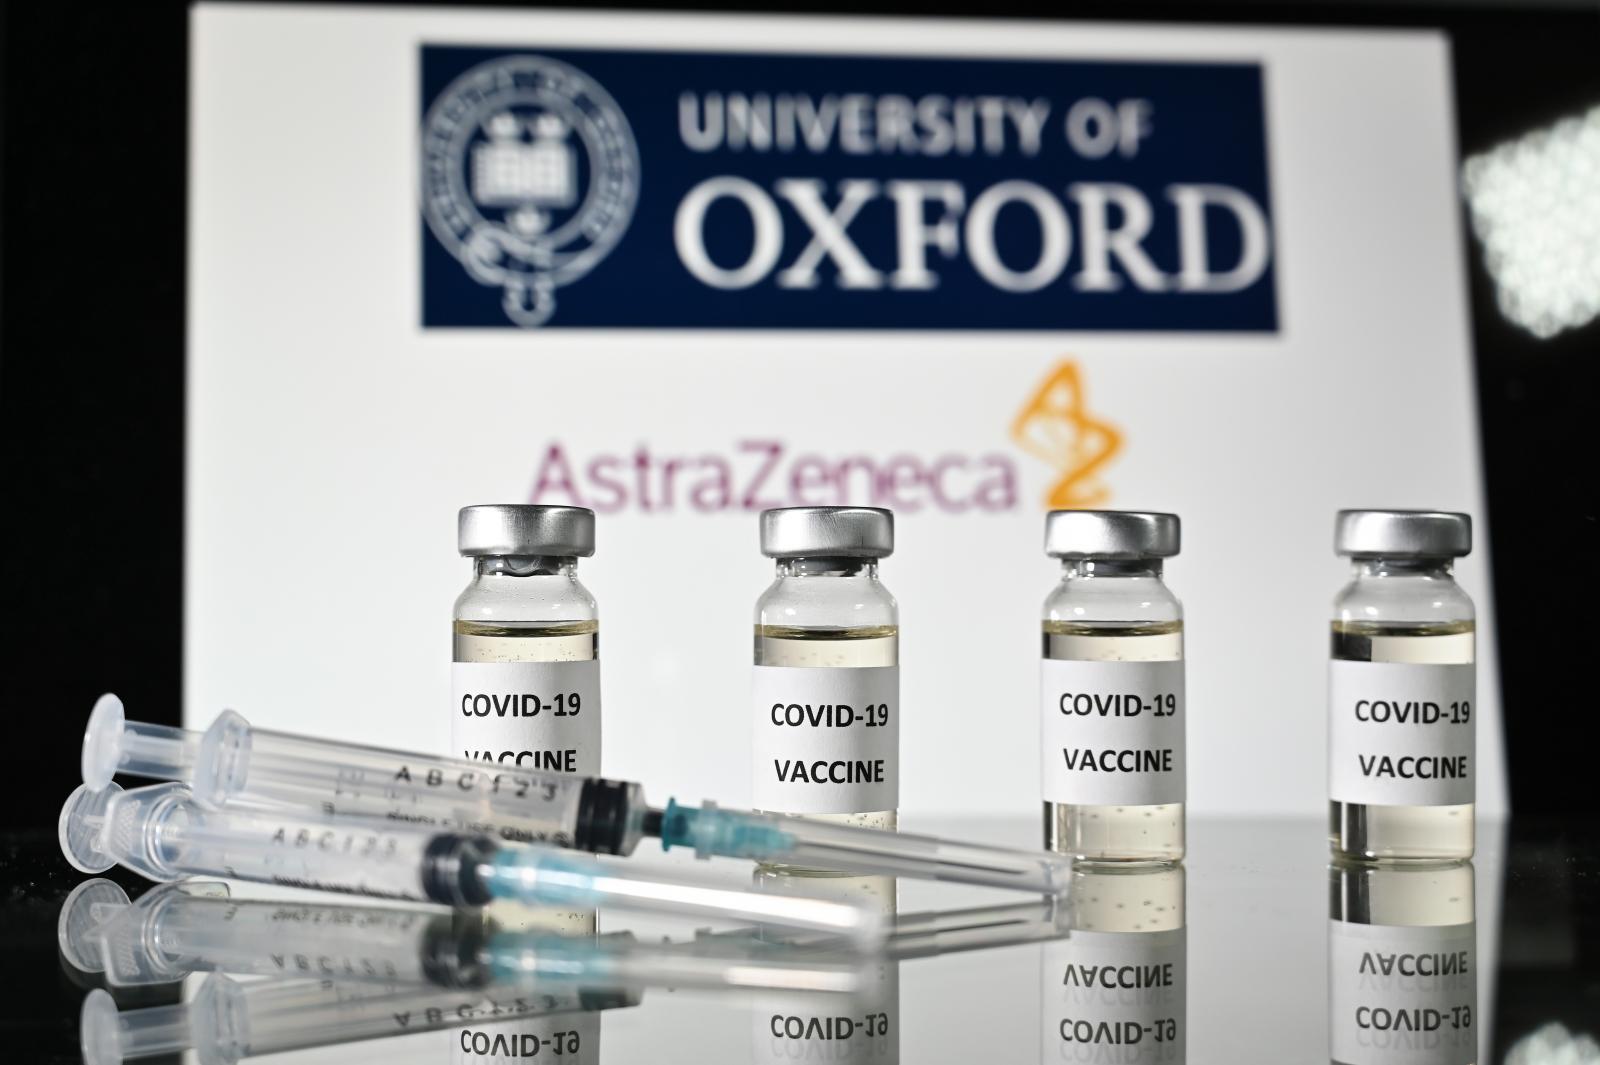 องค์กรยาอียูยังมั่นใจวัคซีนแอสตราฯ